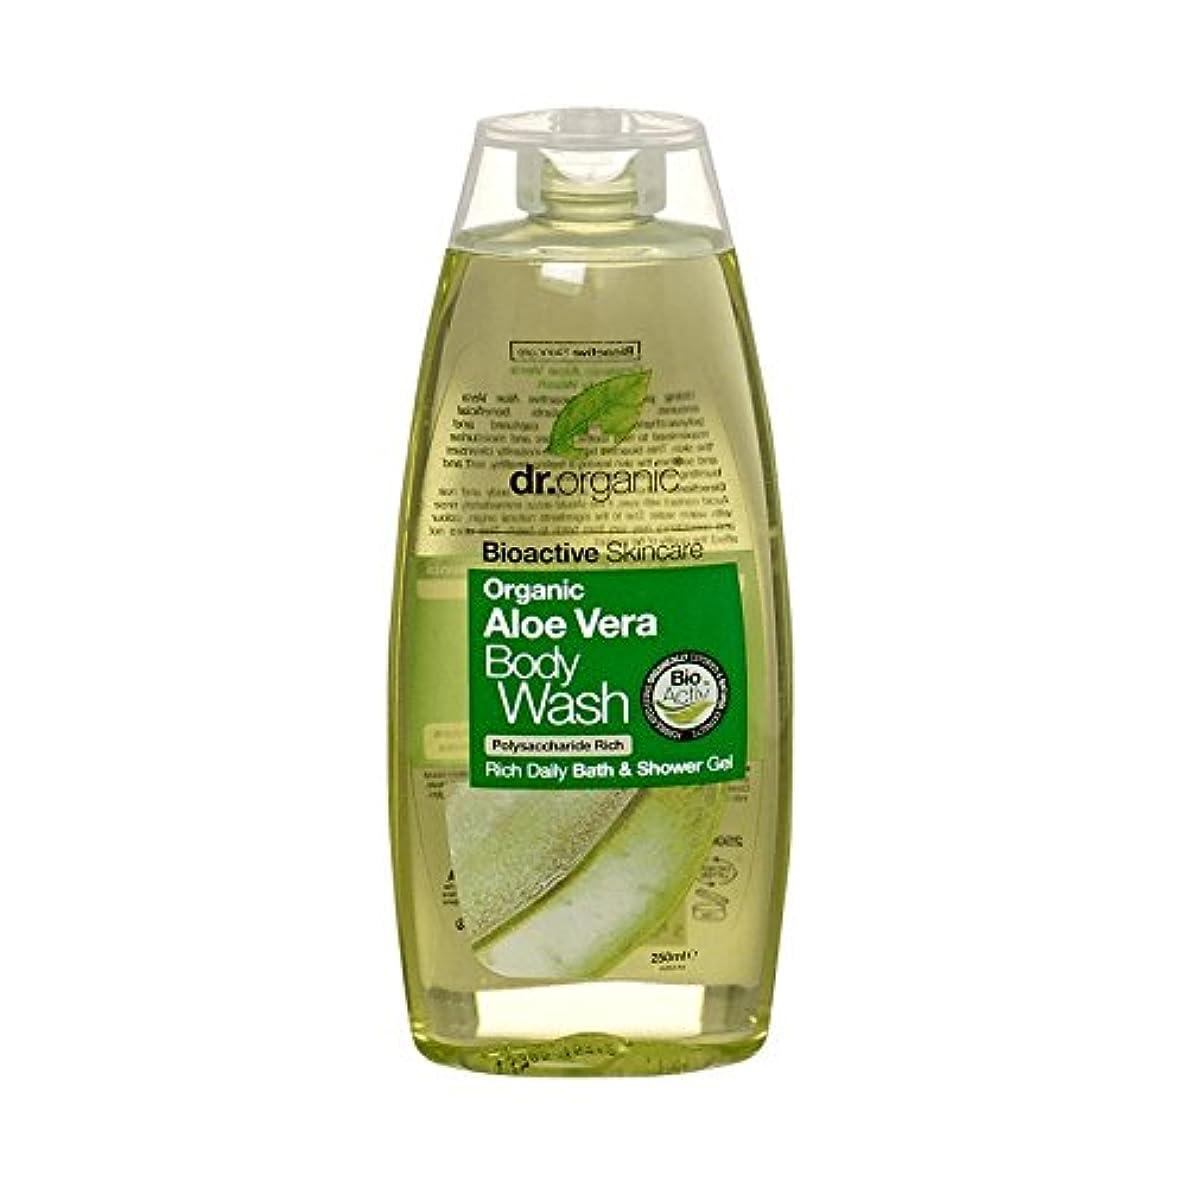 ありふれた暗殺針Dr Organic Aloe Vera Body Wash (Pack of 2) - Dr有機アロエベラボディウォッシュ (x2) [並行輸入品]